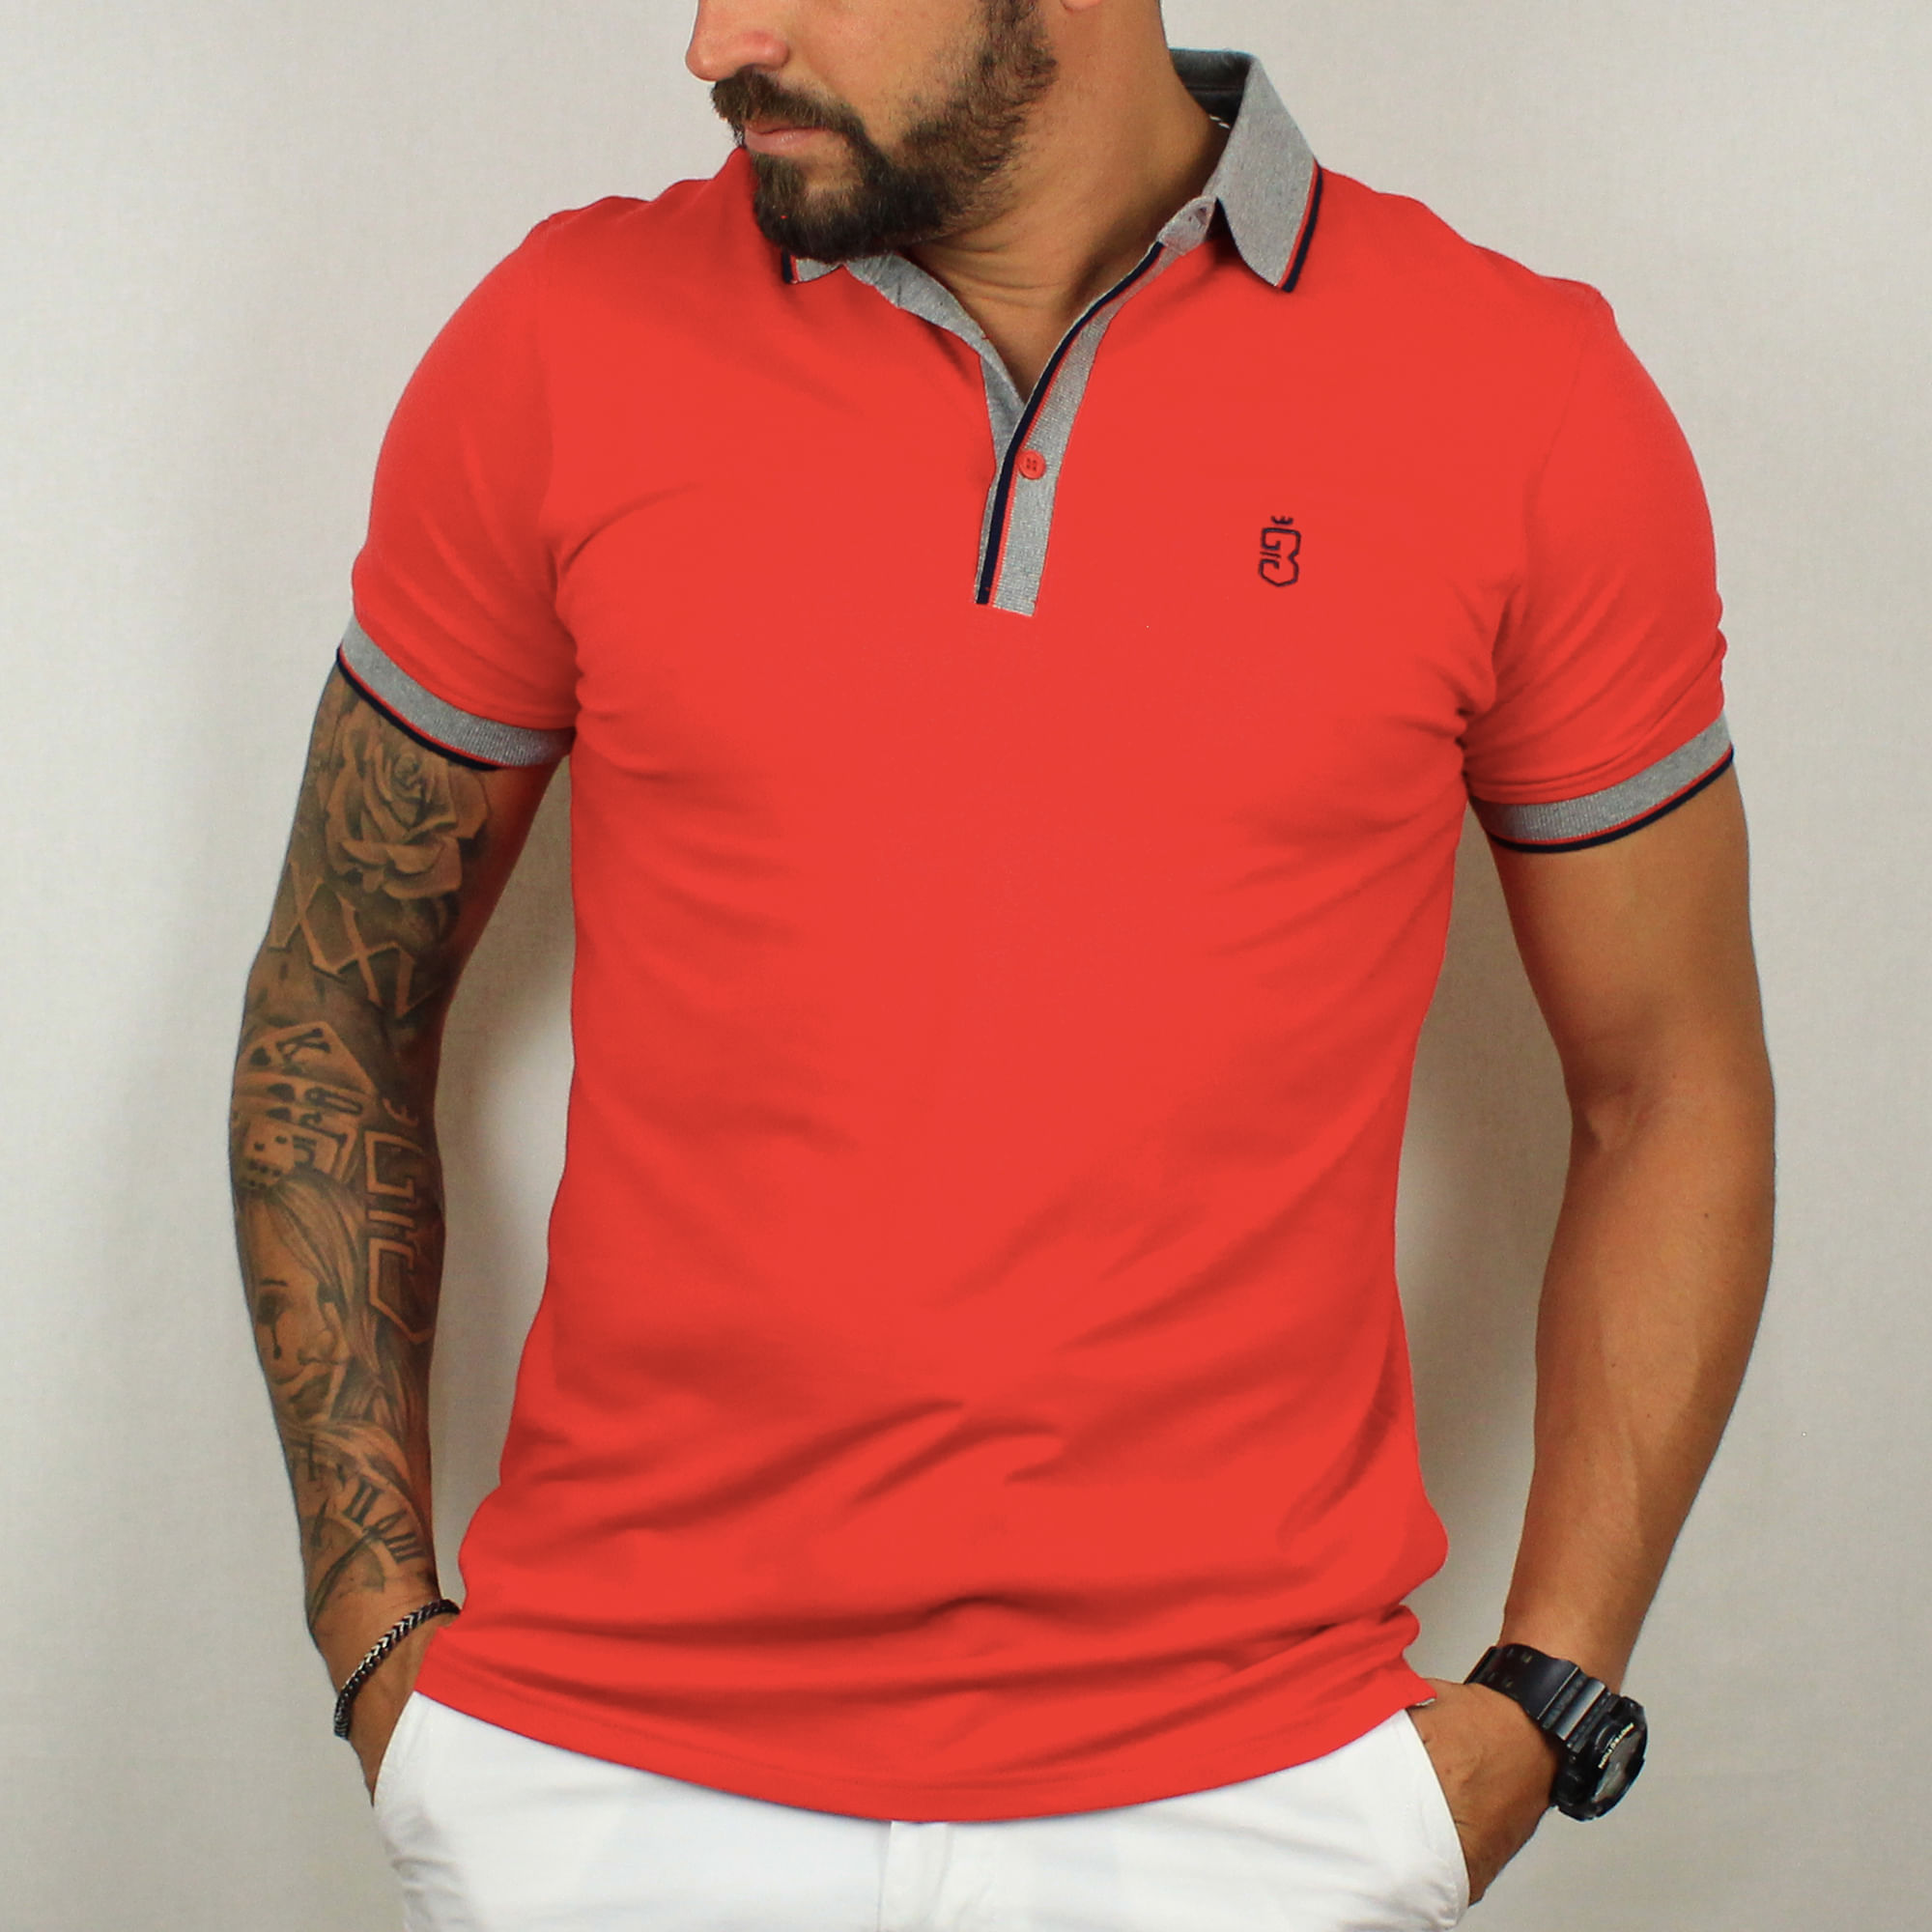 2896e1036 Camisa Polo Vermelha 38  Camisa Polo Vermelha 38. Lista de Desejos. usebora  · Masculino · Pólos